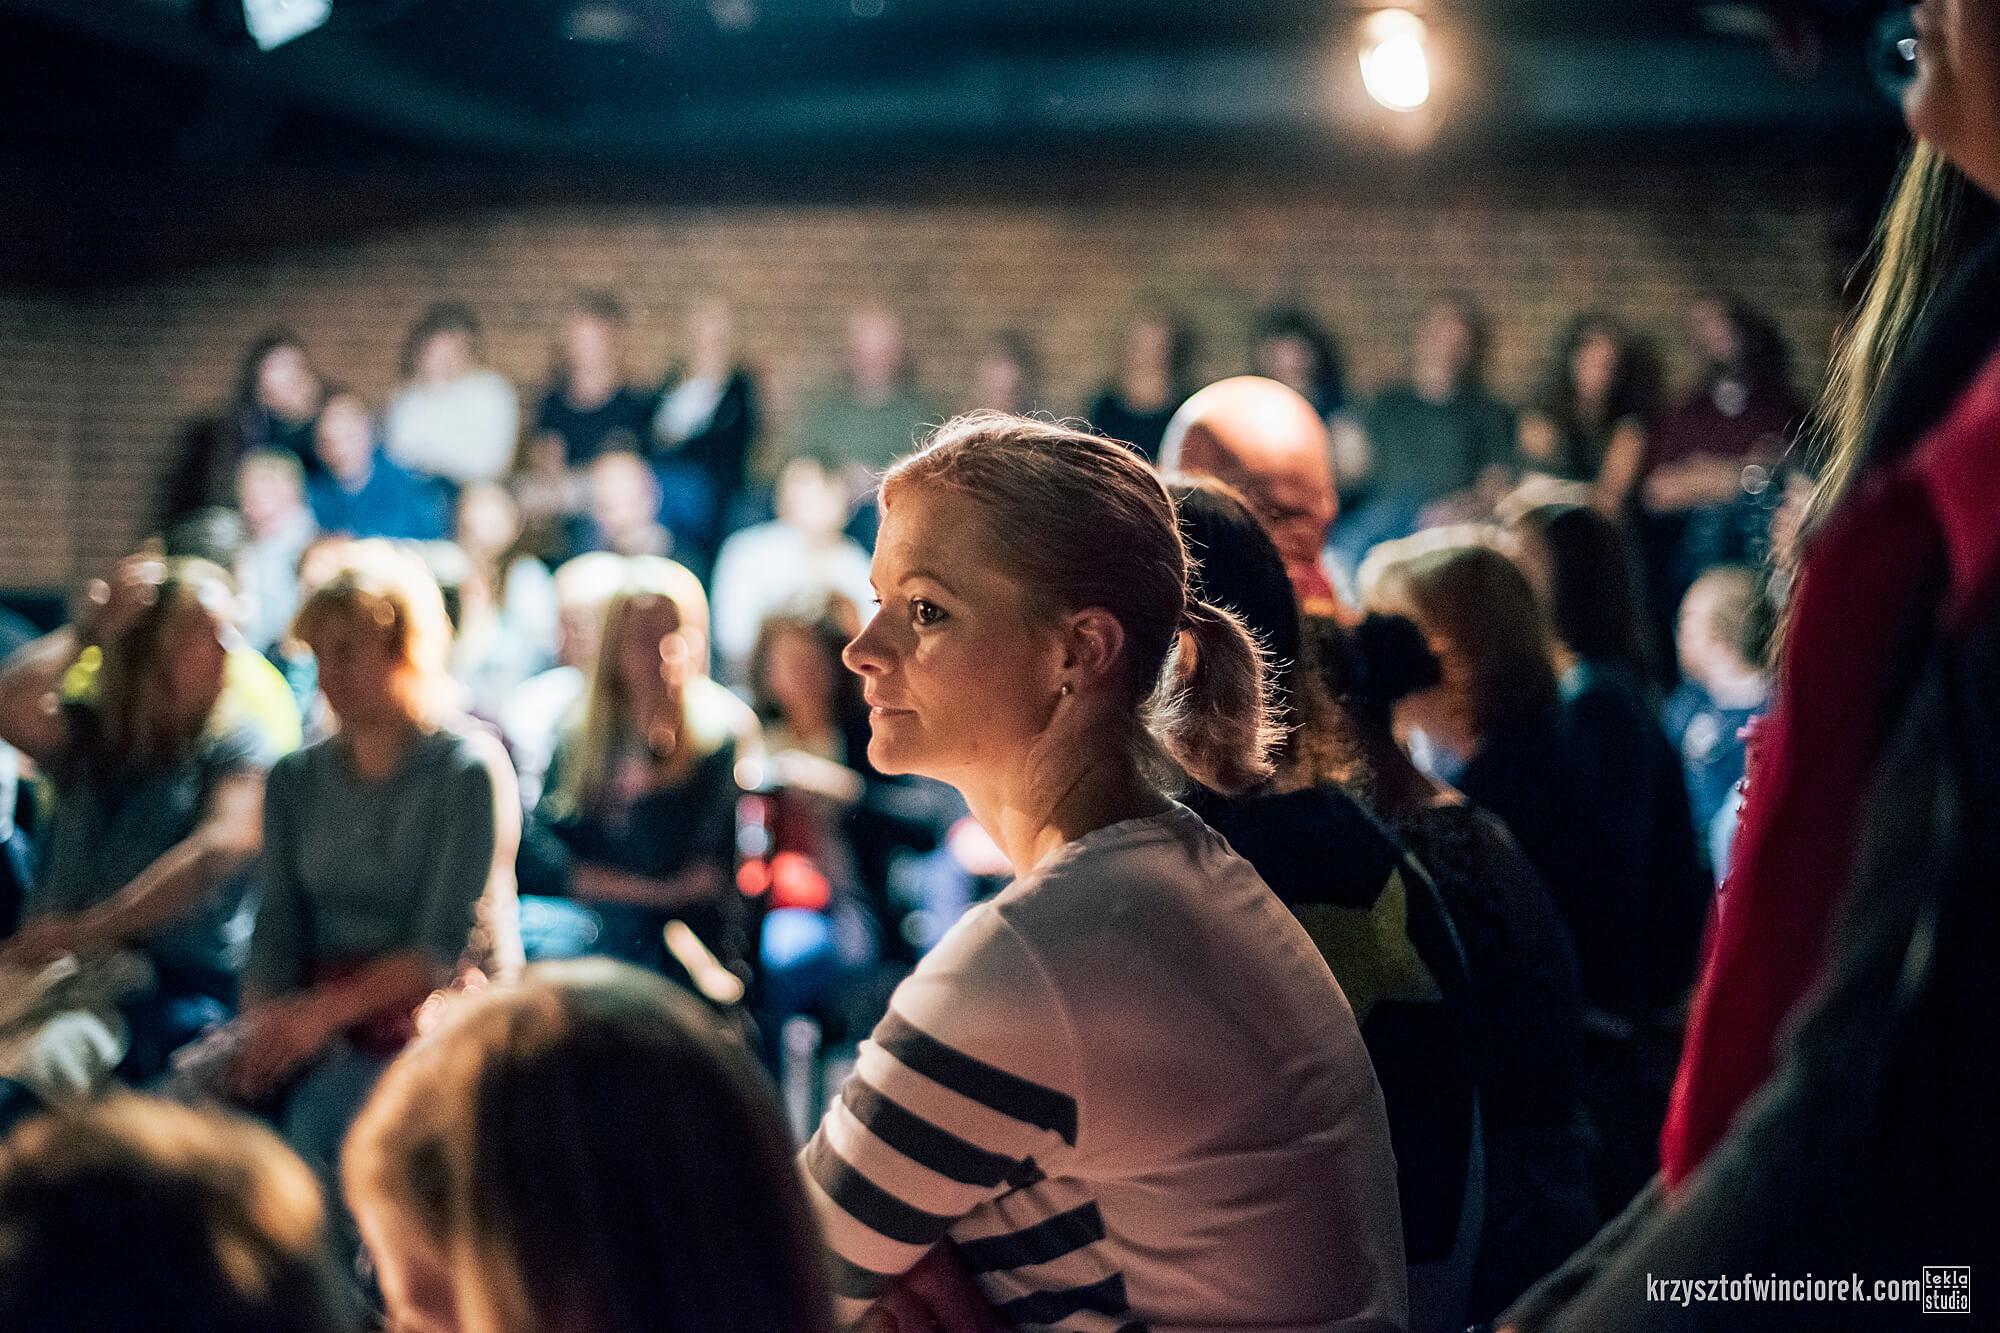 Zdjęcie z festiwalu Pociąg do miasta. Zbliżenie na jedną z uczestniczek siedzących na widowni.